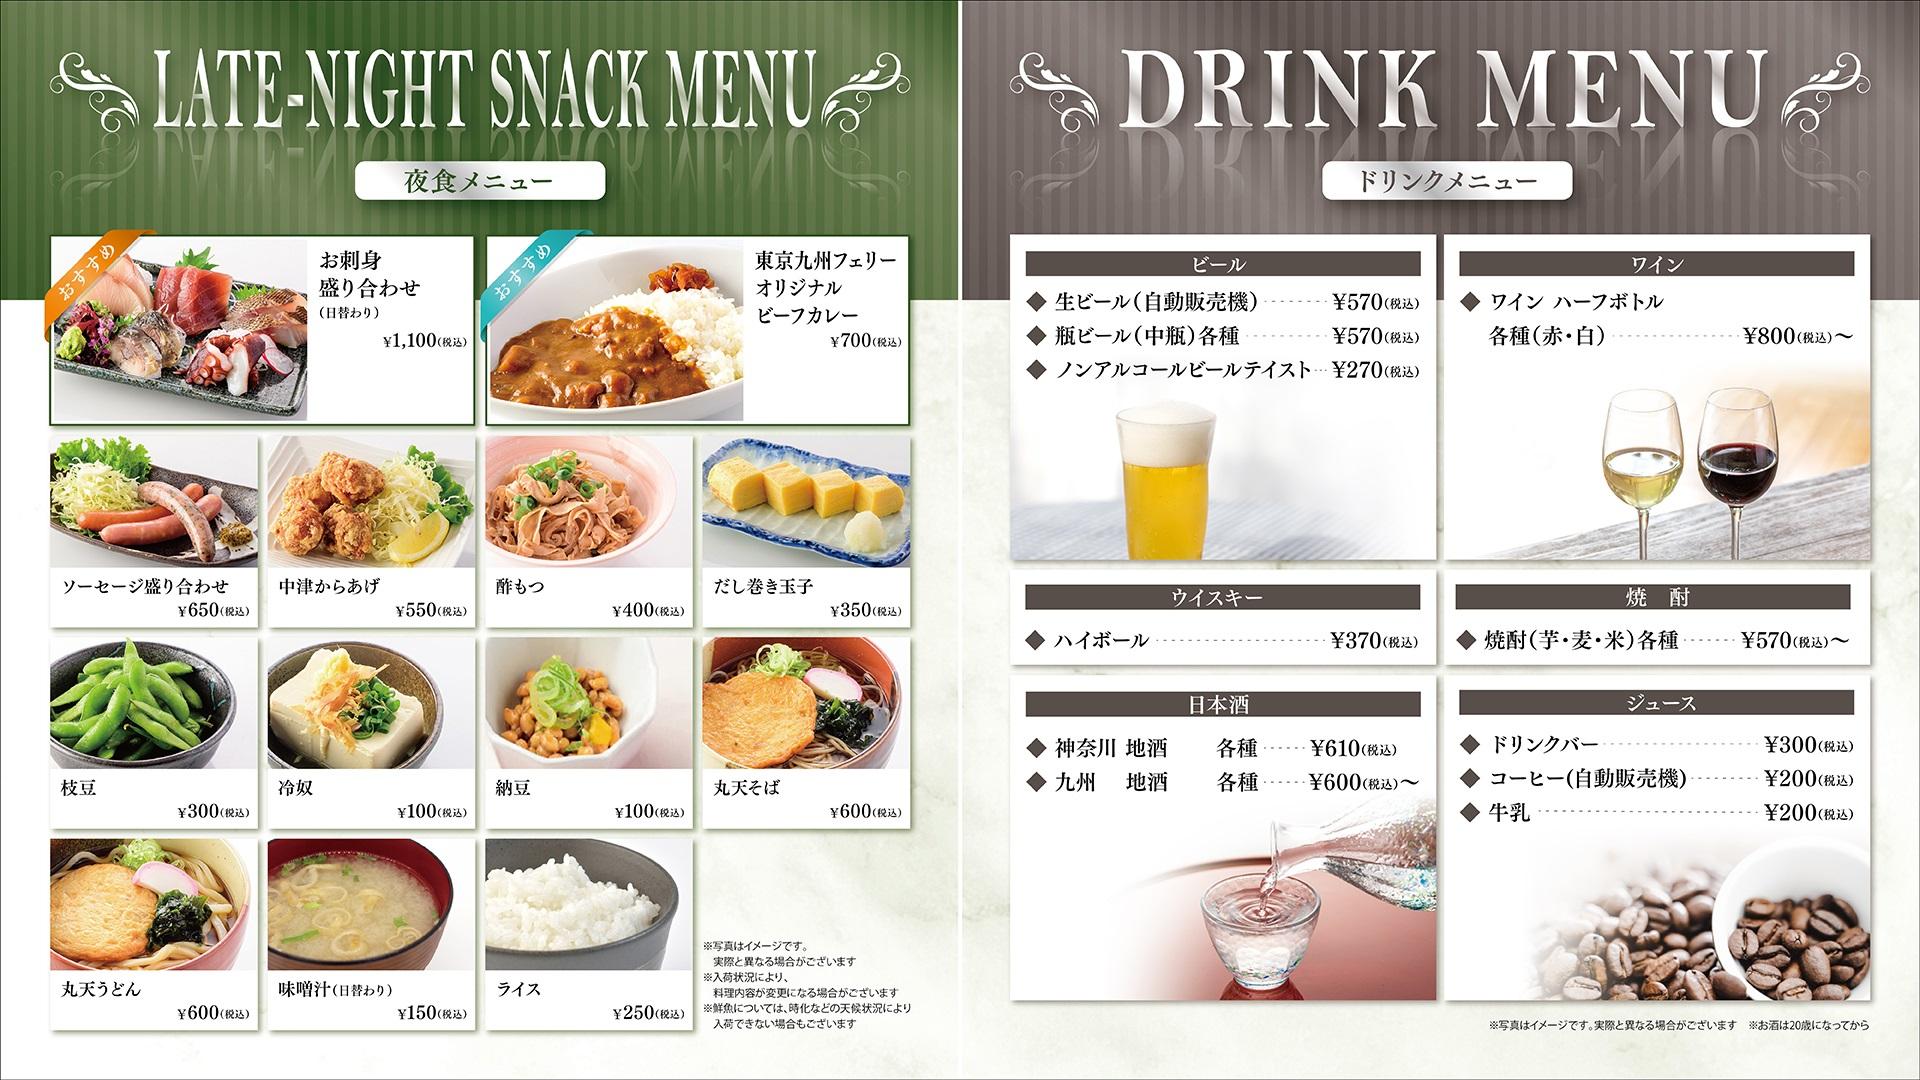 夜食・ドリンク<br /> <small>-LATE-NIGHT SNACK・DRINK MENU-</small>